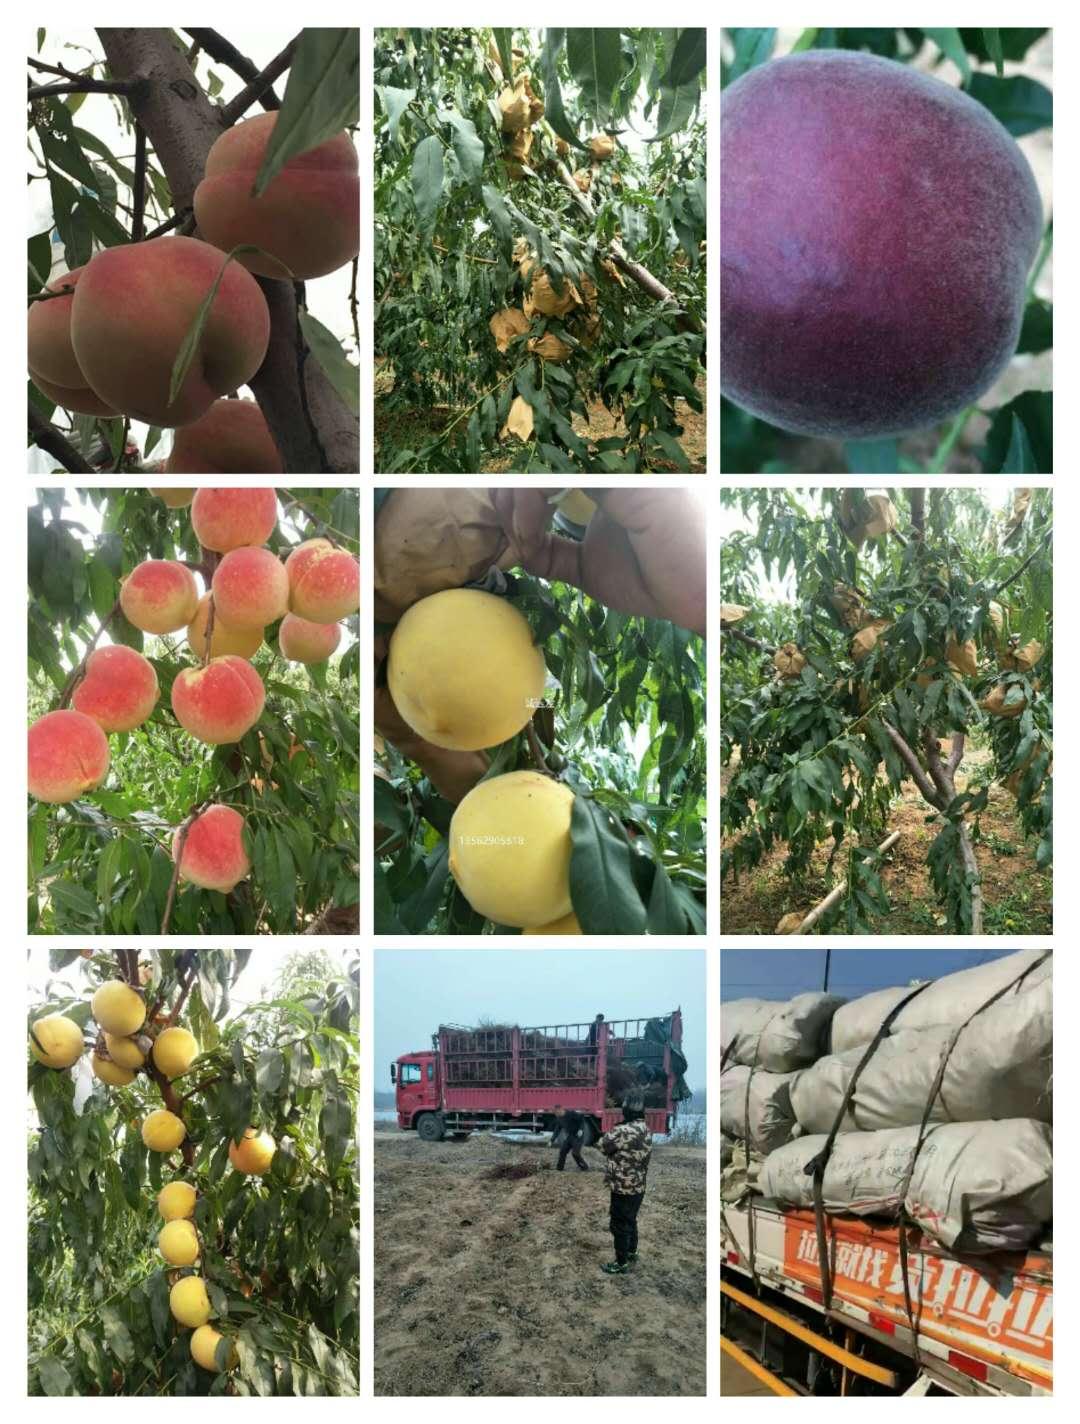 集宁区早桃品种专业供应商